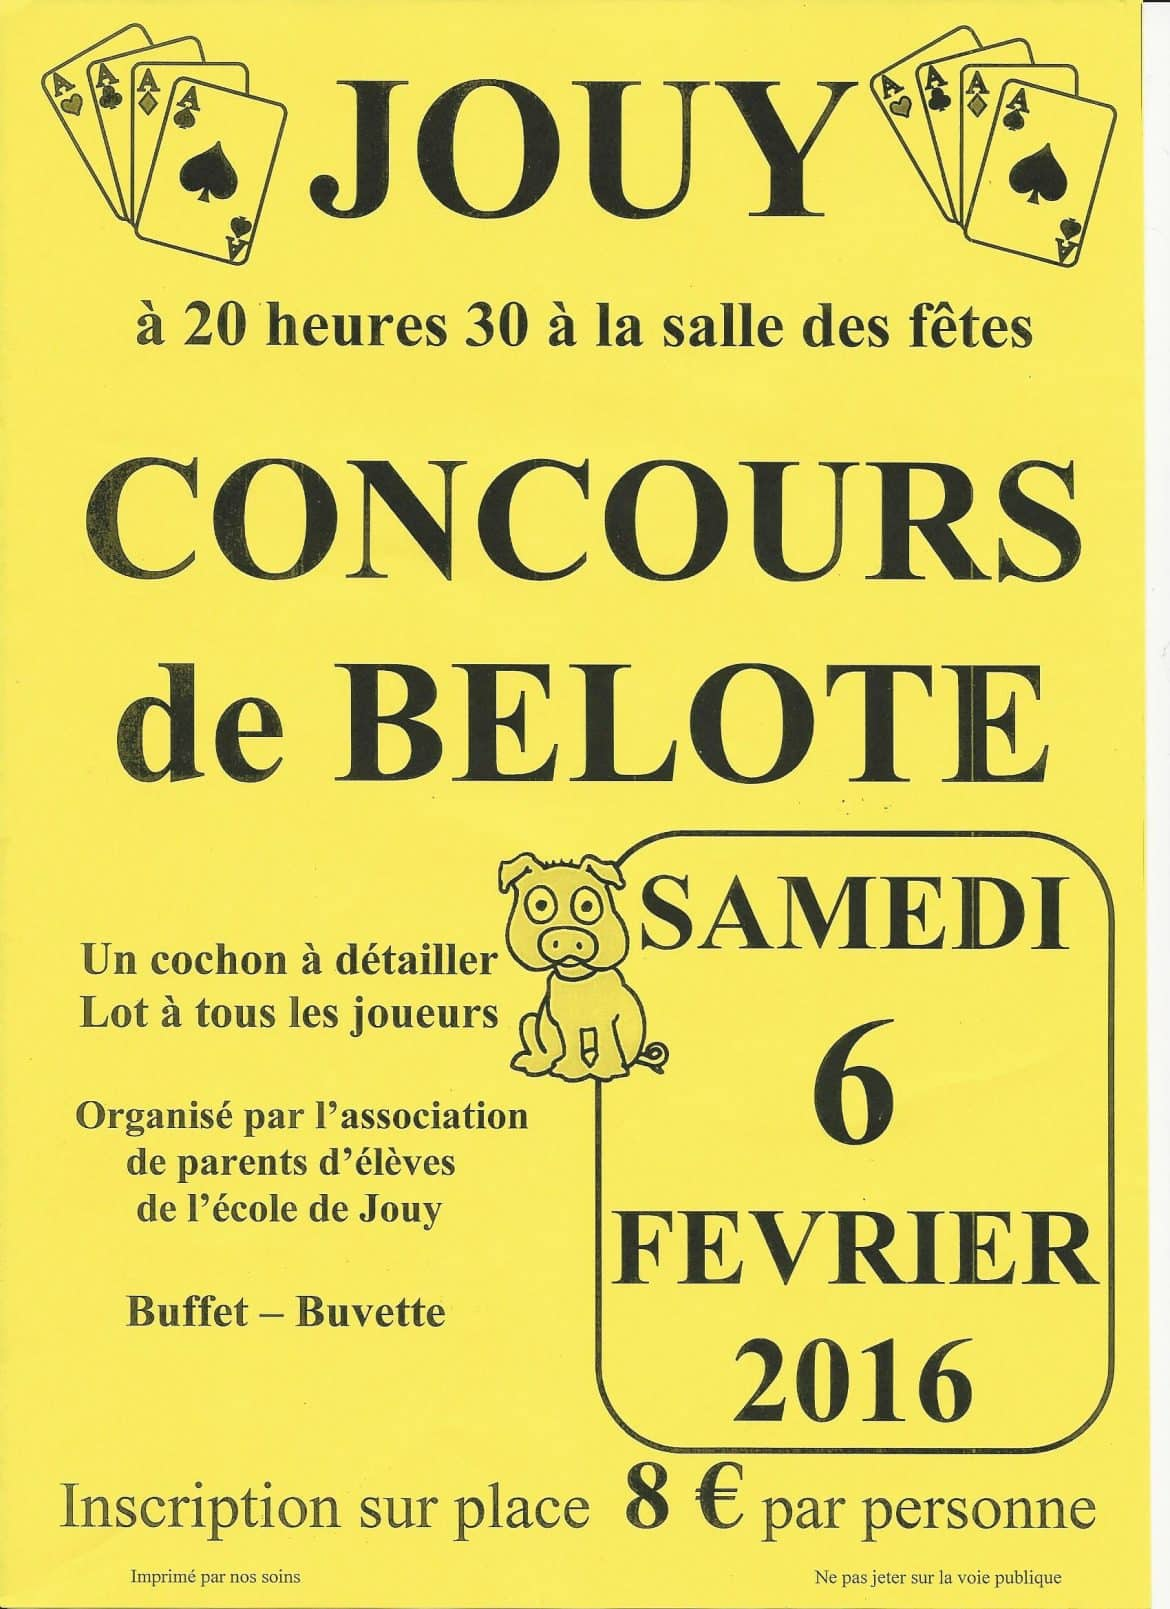 Affiche du Concours de belote samedi 6 février 2016 à Jouy dans l'Yonne (89)